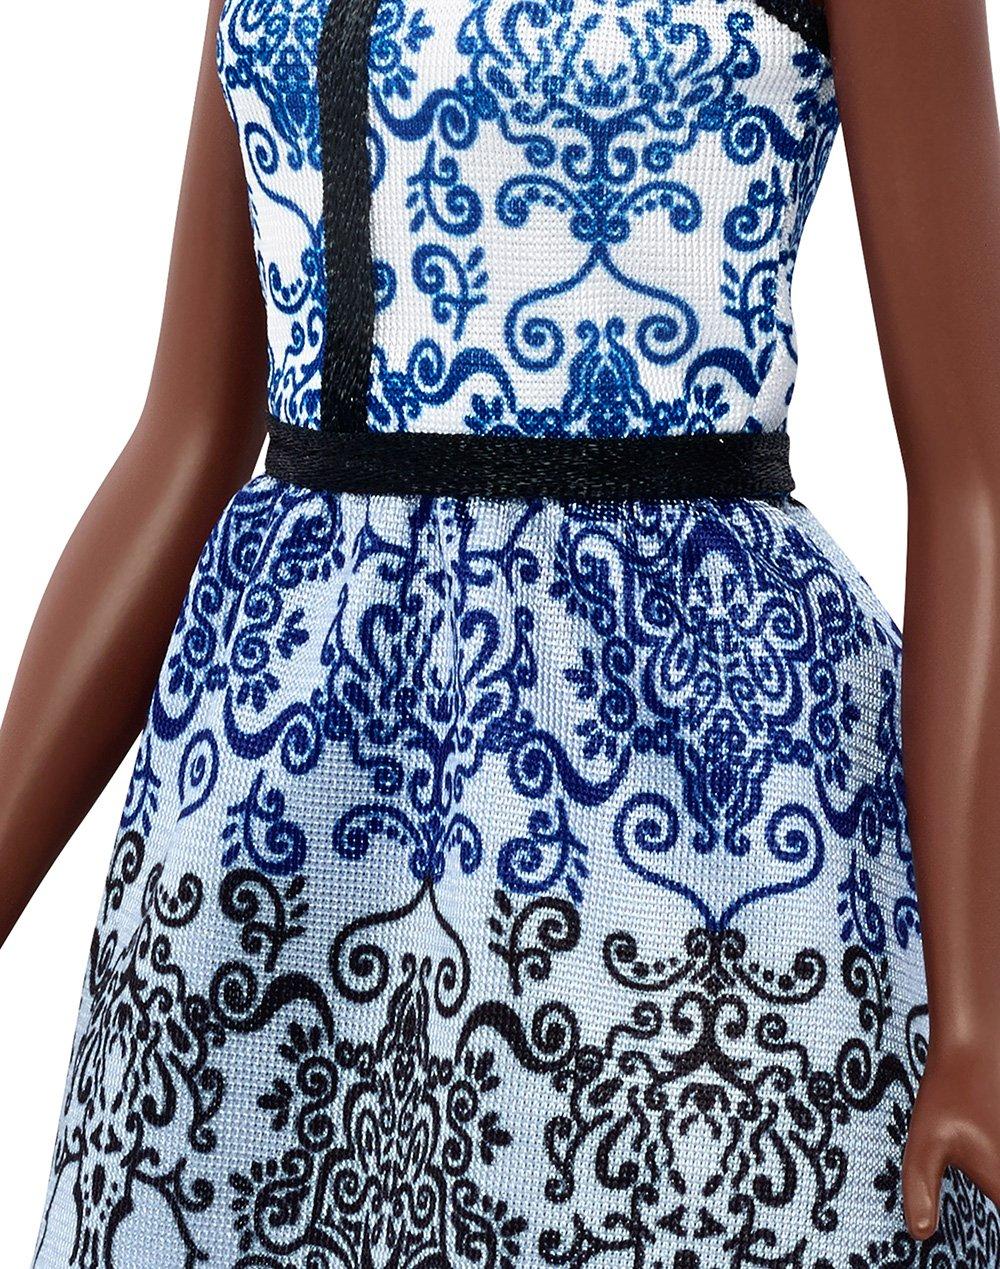 Barbie Fashionistas - Muñeca, brocado azul (Mattel DMF27): Amazon.es: Juguetes y juegos